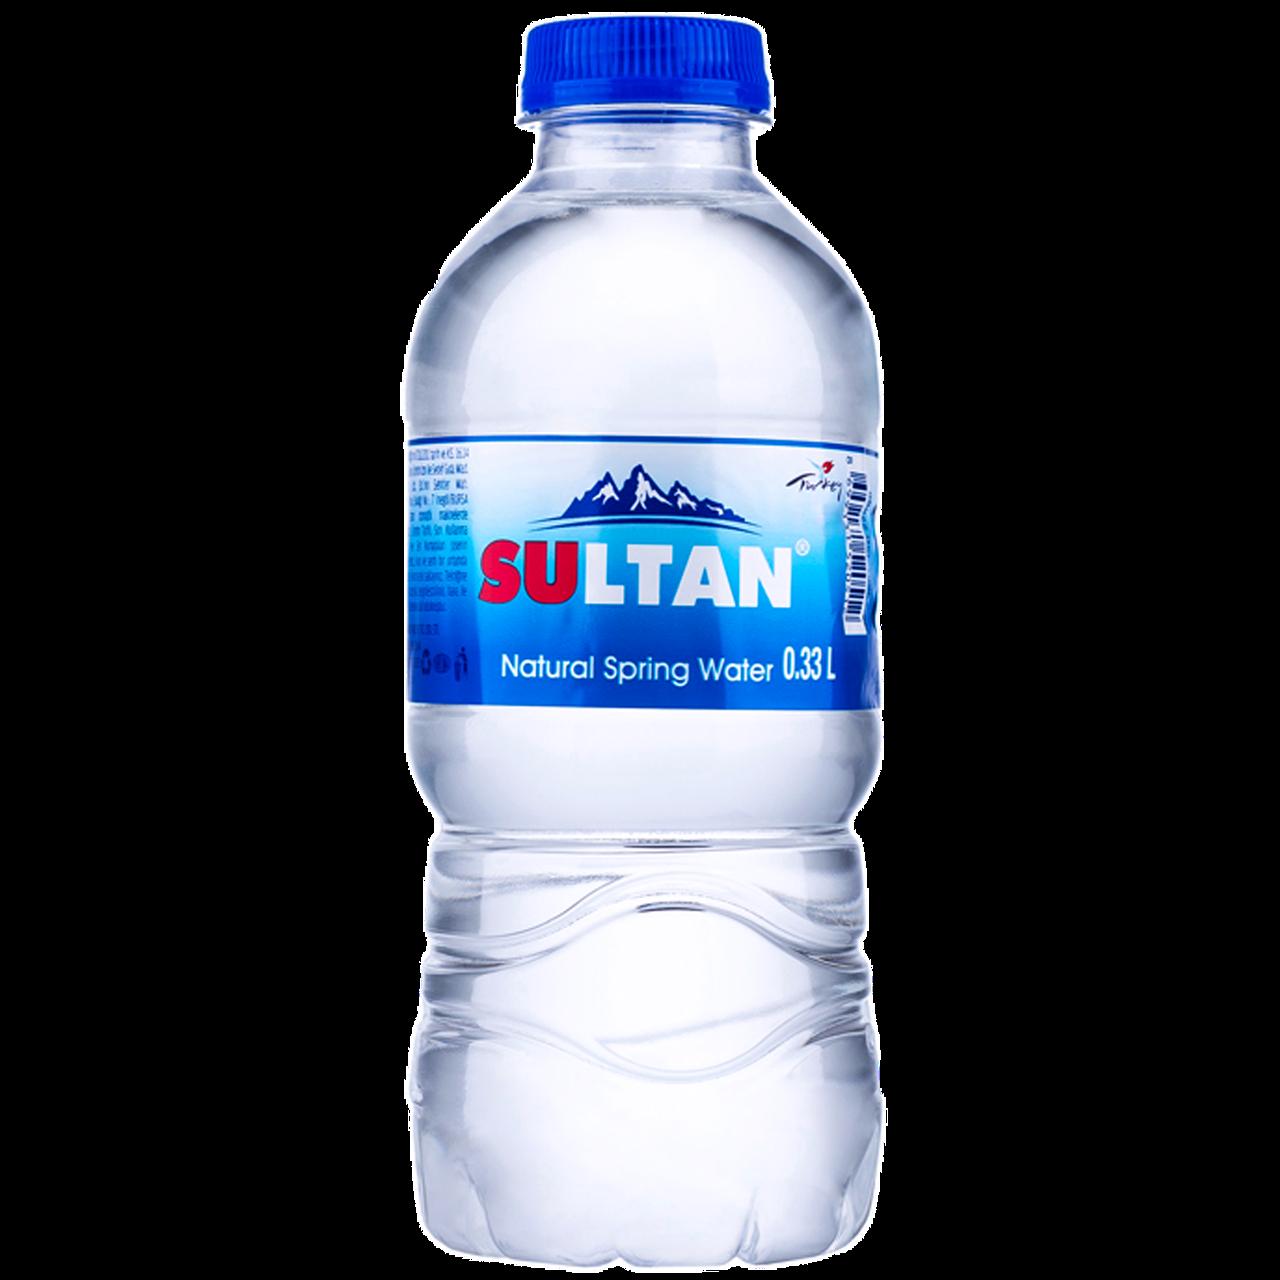 """Вода природная родниковая """"Sultan"""" негаз, 0.33 л, пэт (уп/12 бут.)"""